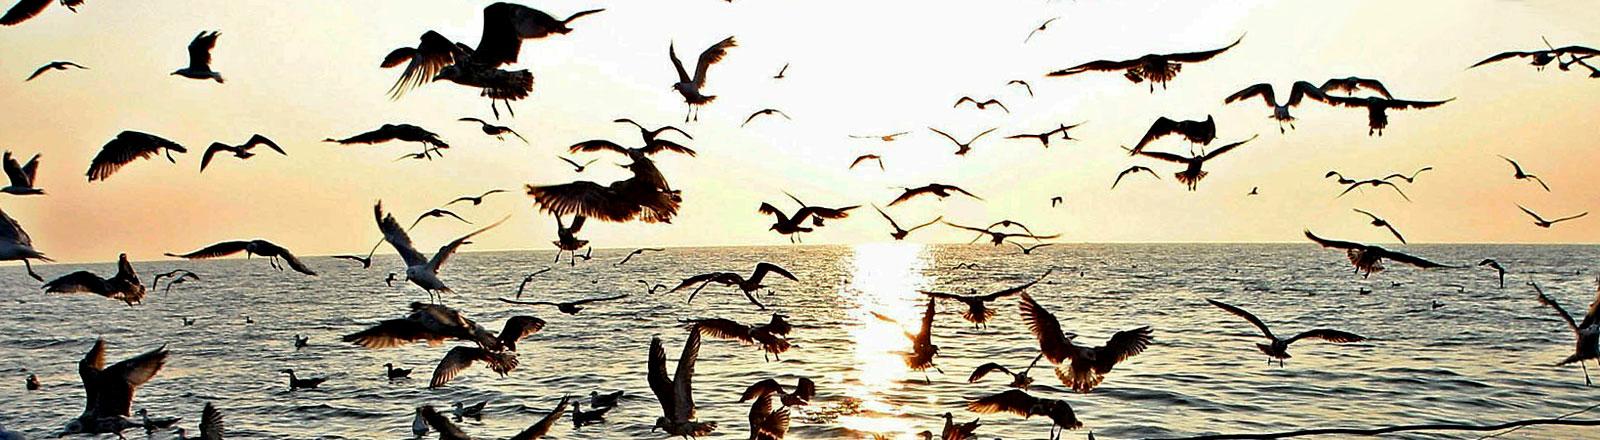 Möwen am Schwarzen Meer in Rumänien.